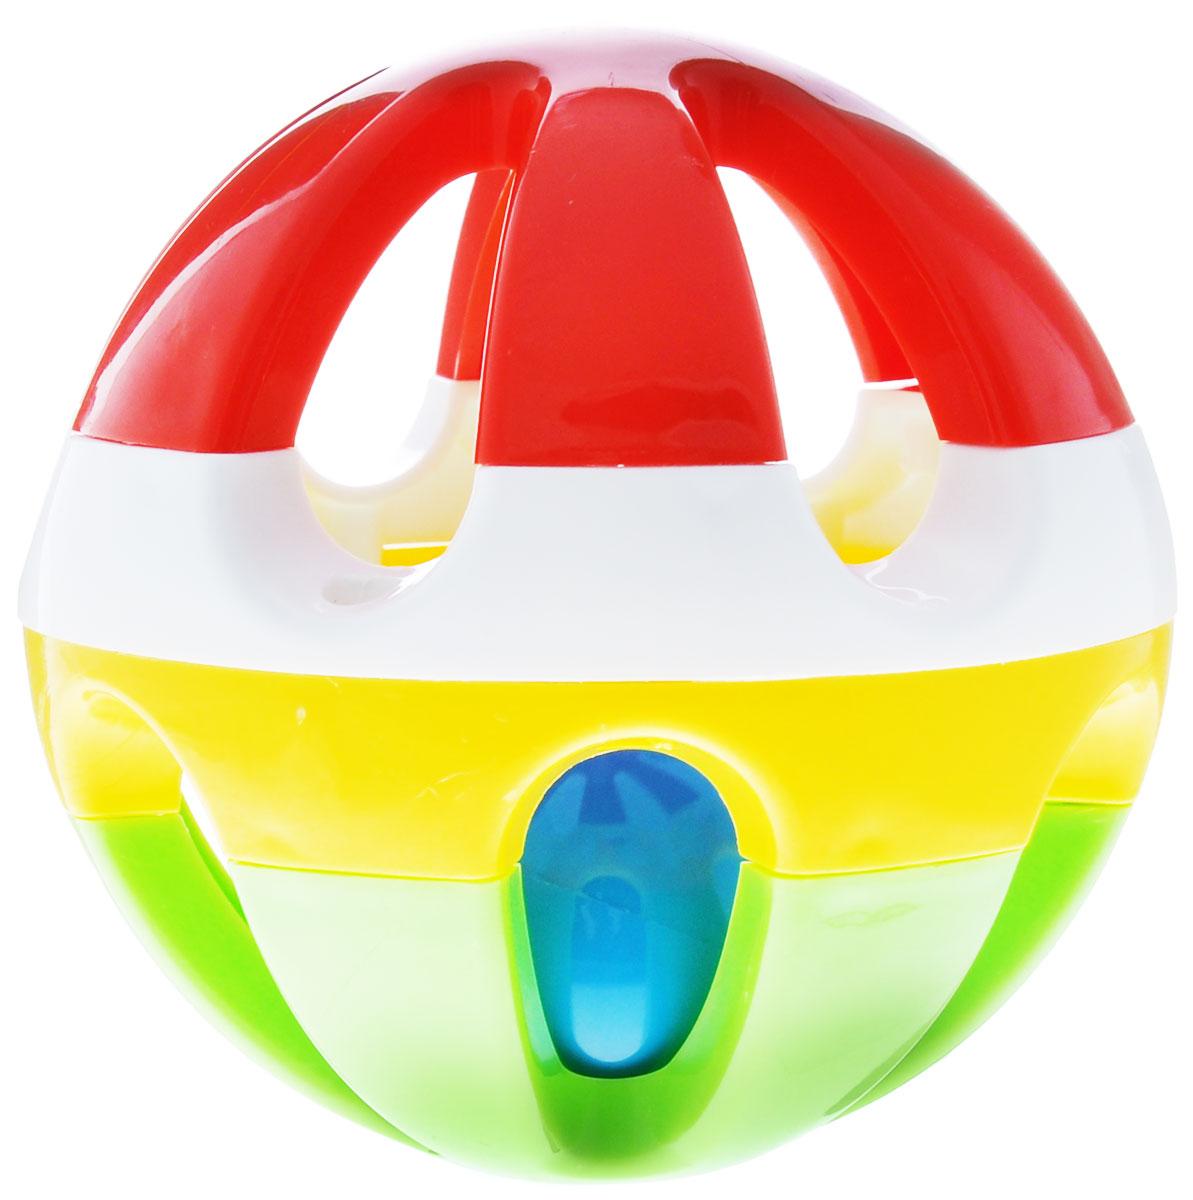 Stellar Погремушка Шар цвет красный желтый зеленый1506_красный, желтый, зеленыйПогремушка Stellar Шар создана специально для самых маленьких. Игрушка выполнена из яркого материала в виде шара с прорезями, внутри которого находится маленький шарик с гремящими при тряске гранулами. Игра предназначена для детей с первых дней жизни. Вначале ребенок будет смотреть за движущимся шаром, а позже научится держать в руках погремушку и извлекать из нее звук. Игрушка способствует развитию мелкой моторики рук, а яркие цвета развивают зрительное восприятие ребенка.